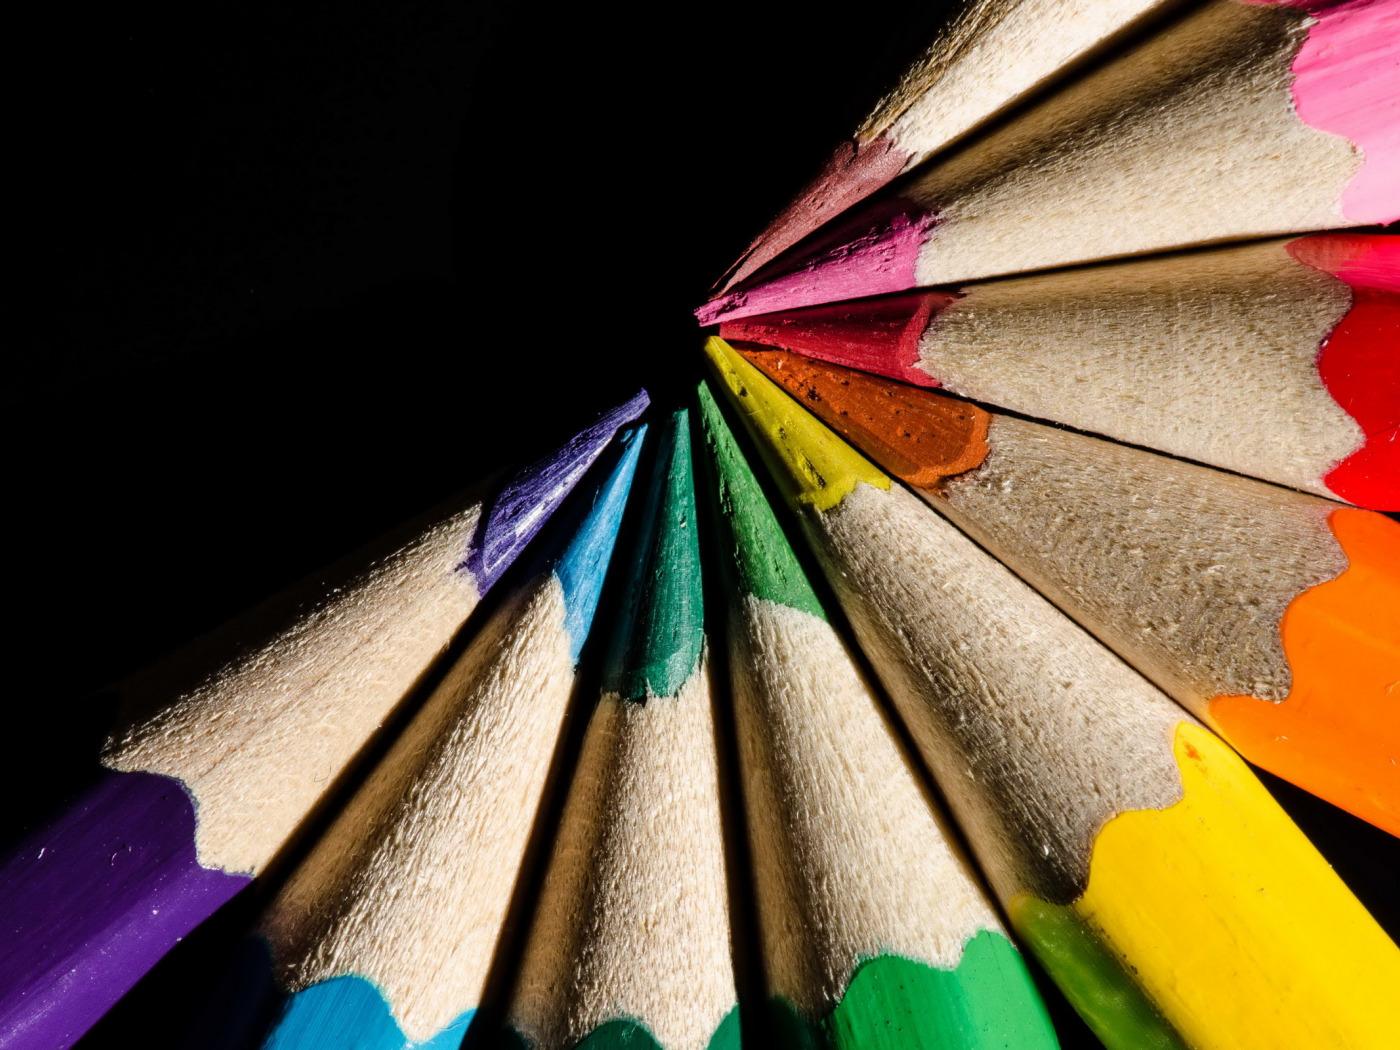 разноцветные карандаши  № 2931945 загрузить